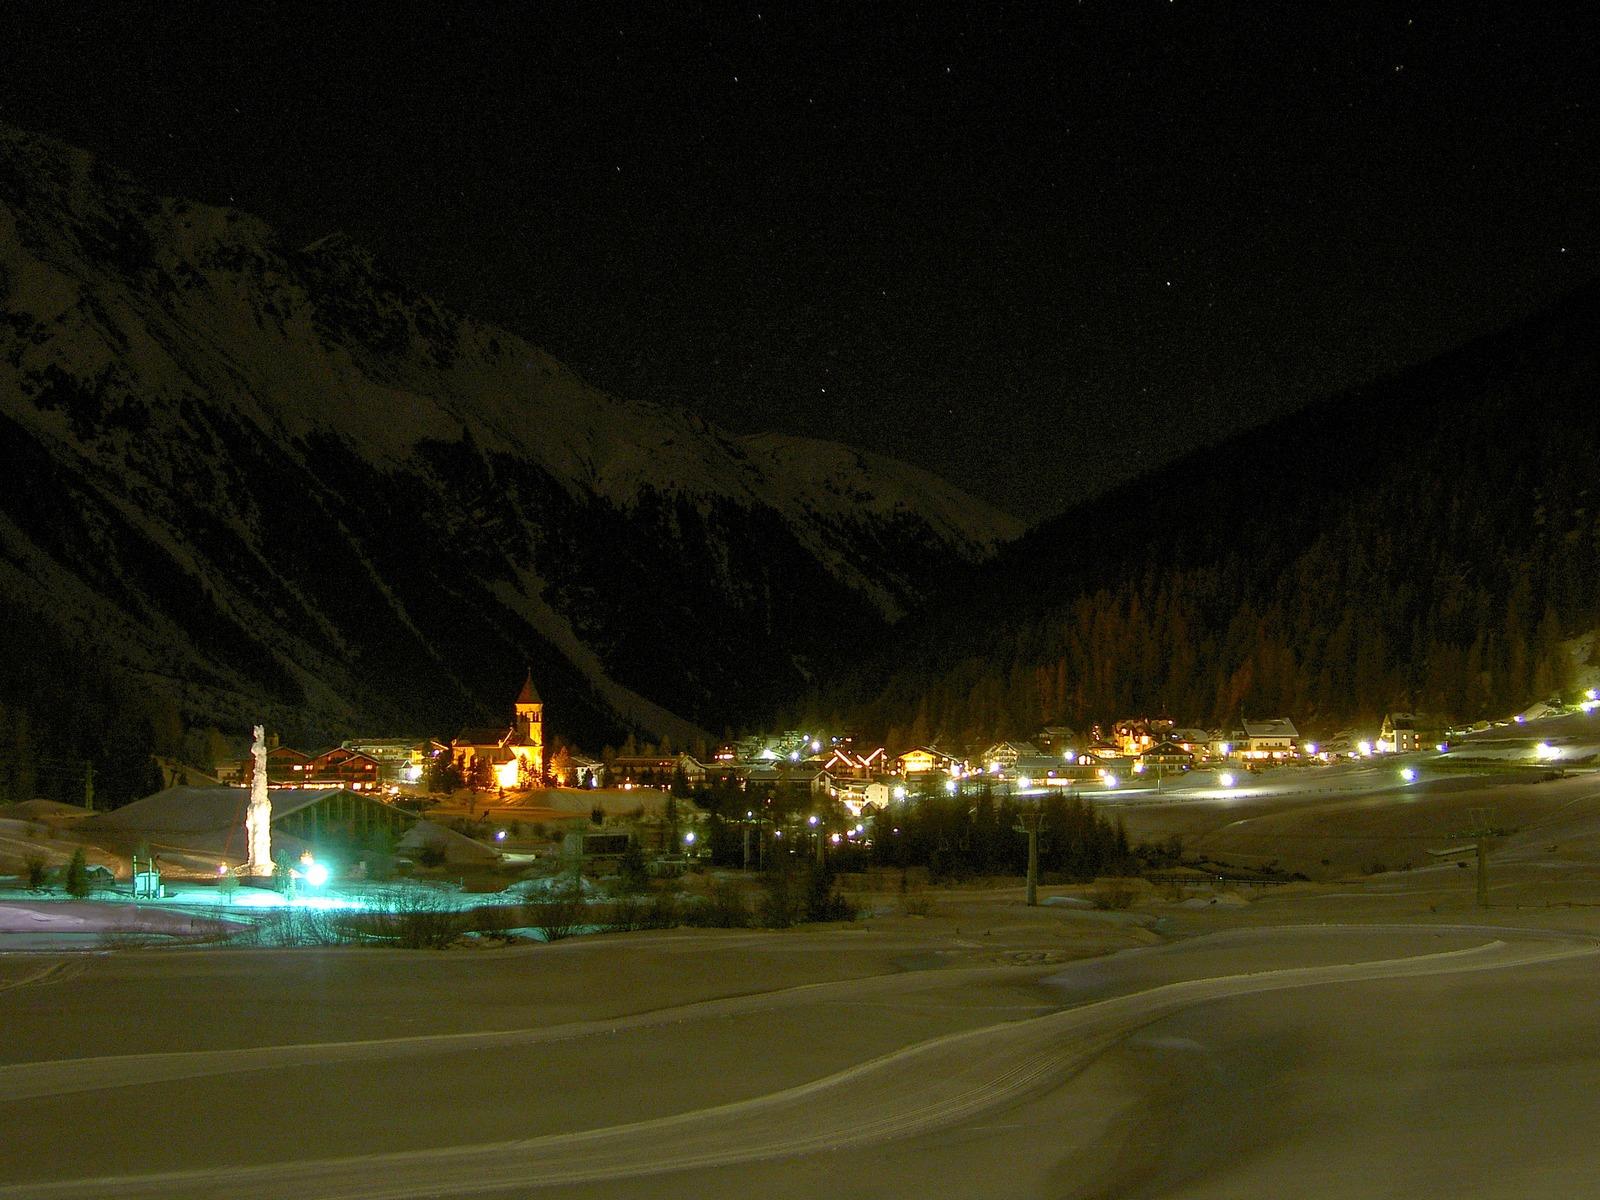 Sulden / Solda by winter night